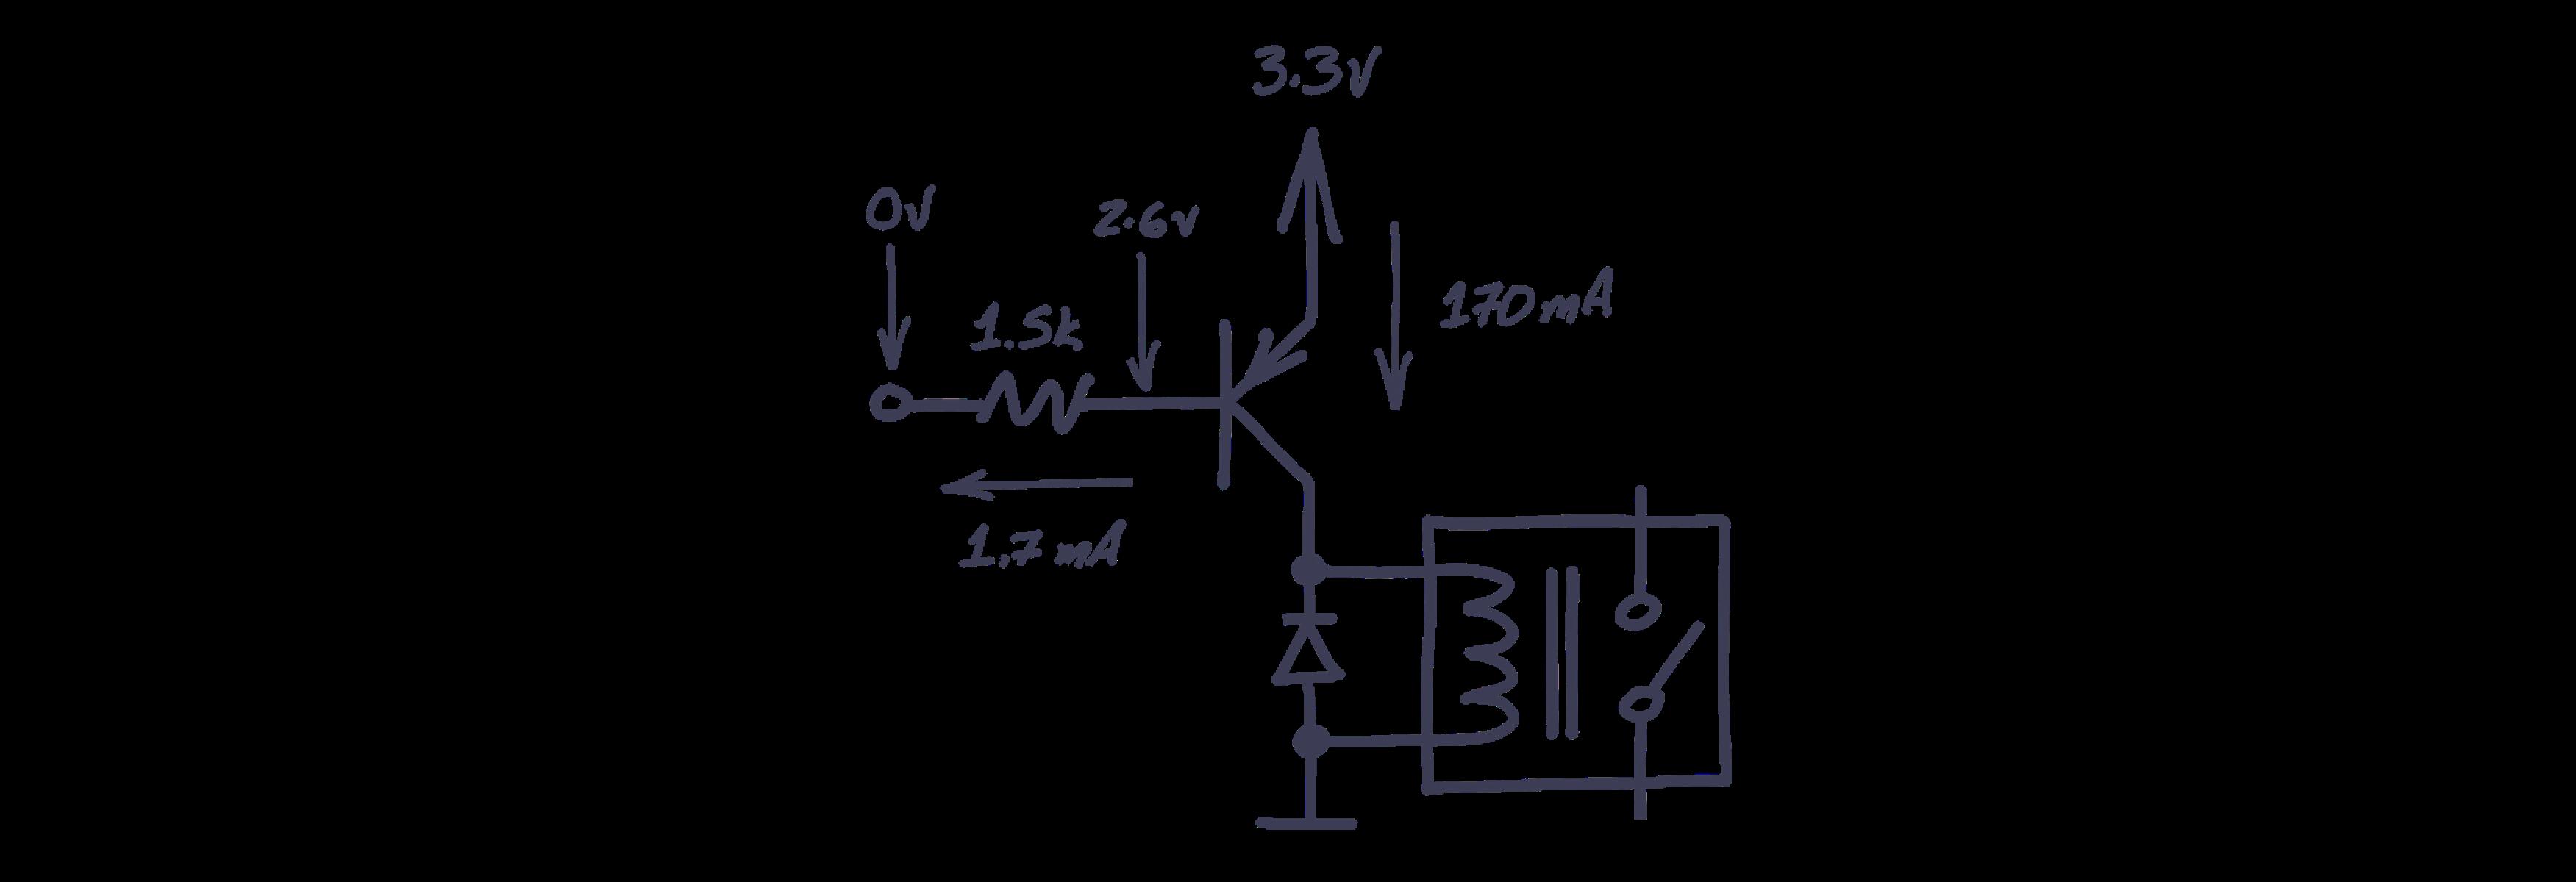 components_bjt-current-gain-ex-02.png